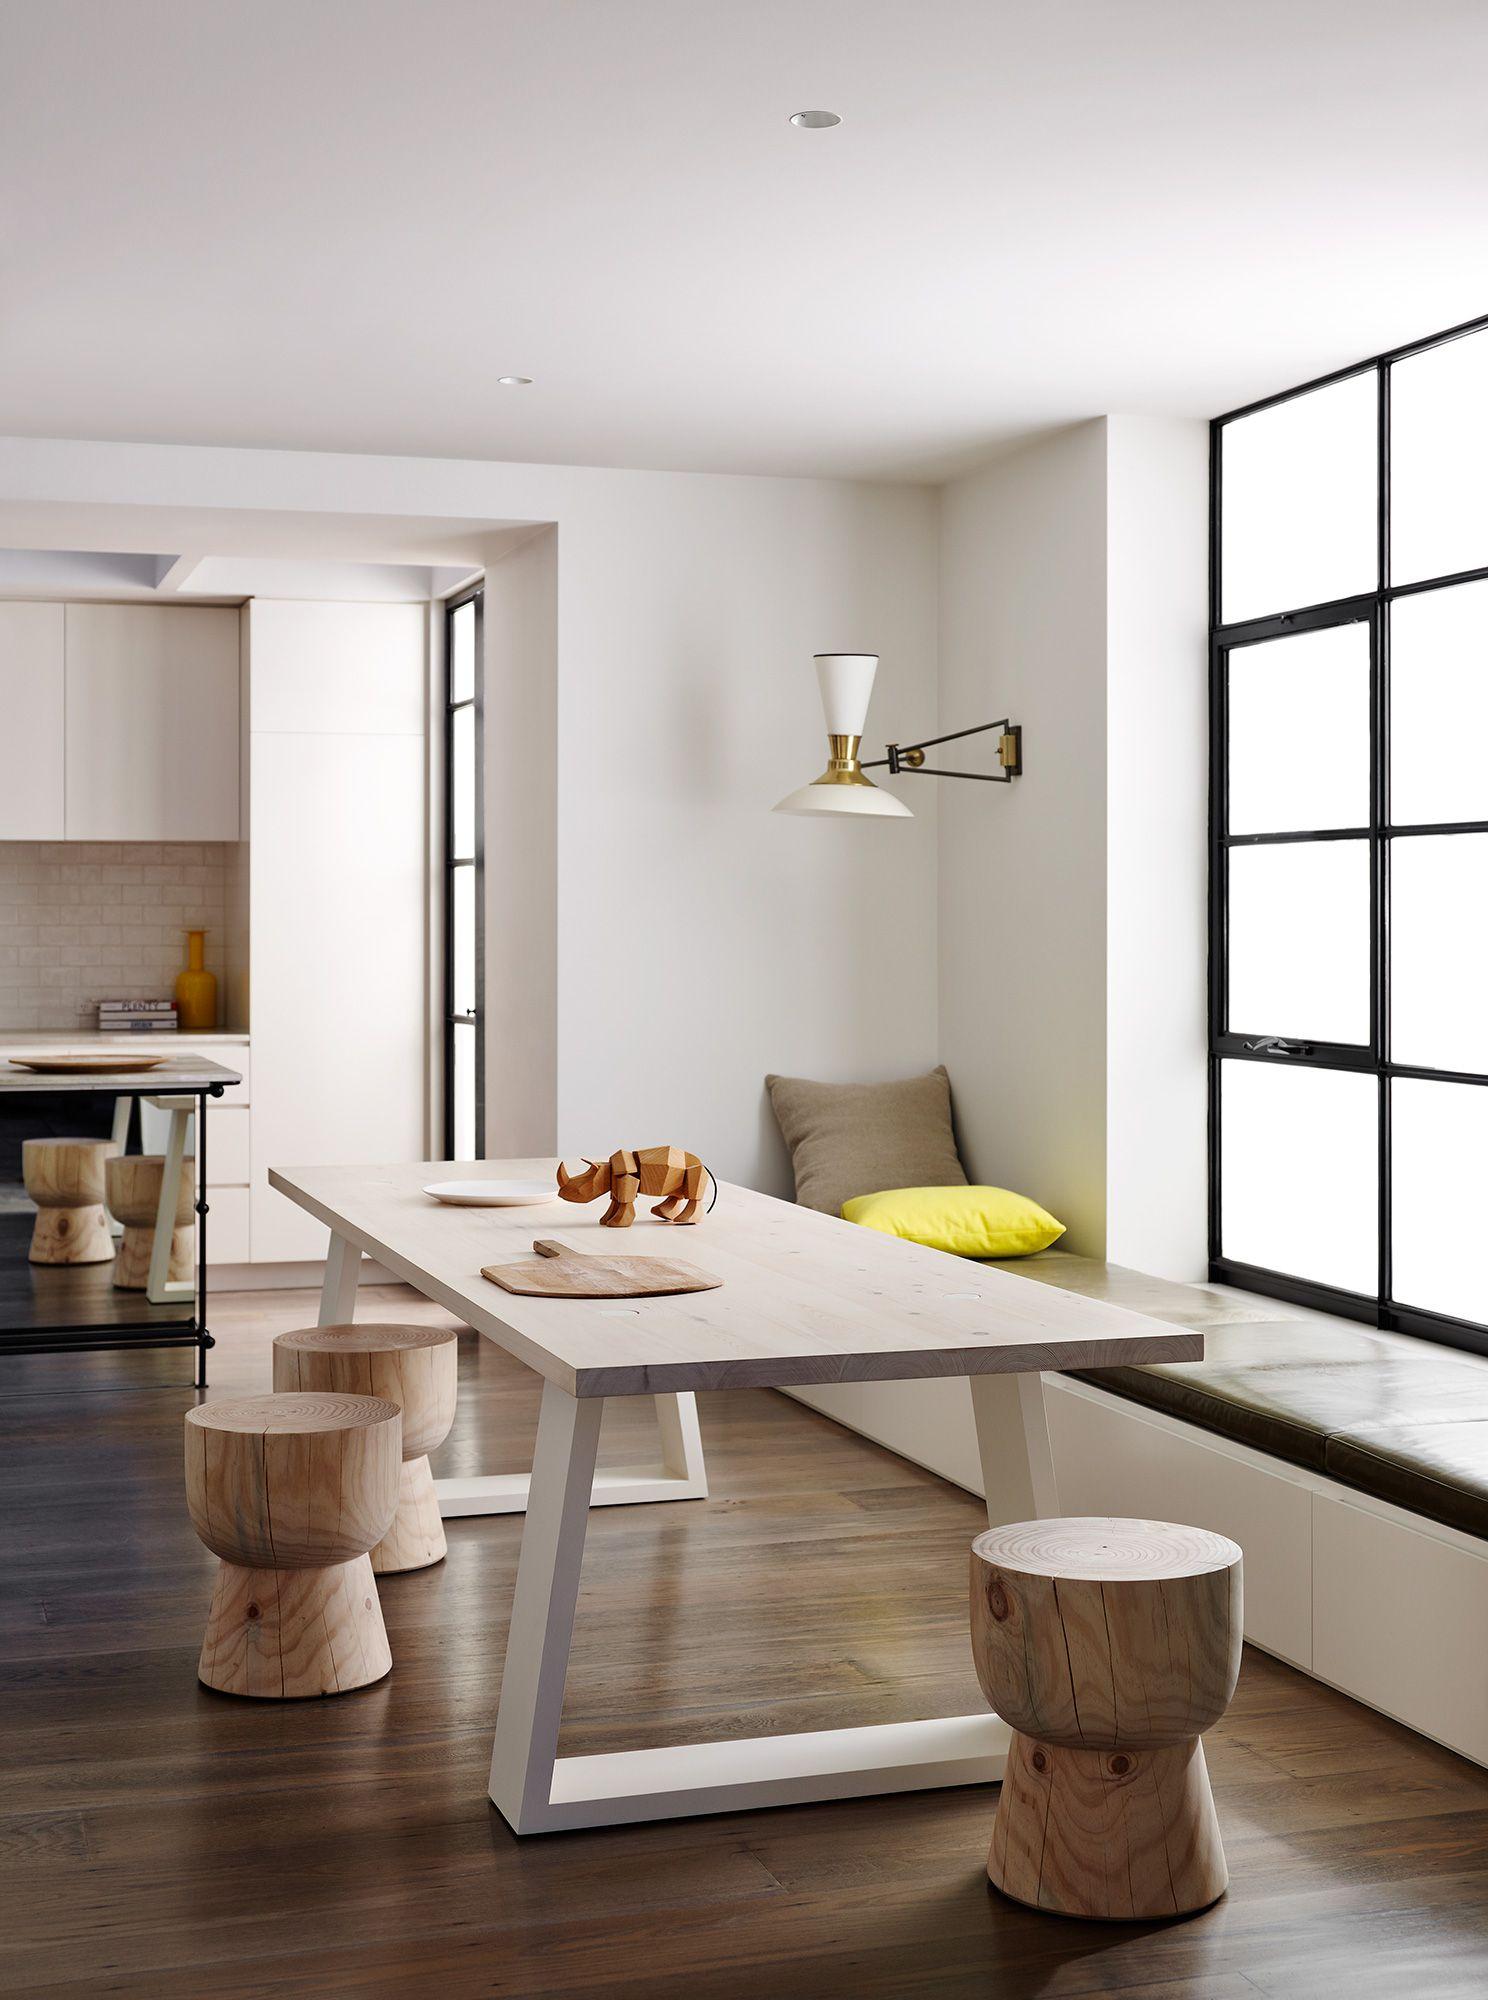 Esszimmer mit küche clean lines  home  pinterest  esszimmer tisch und esstisch